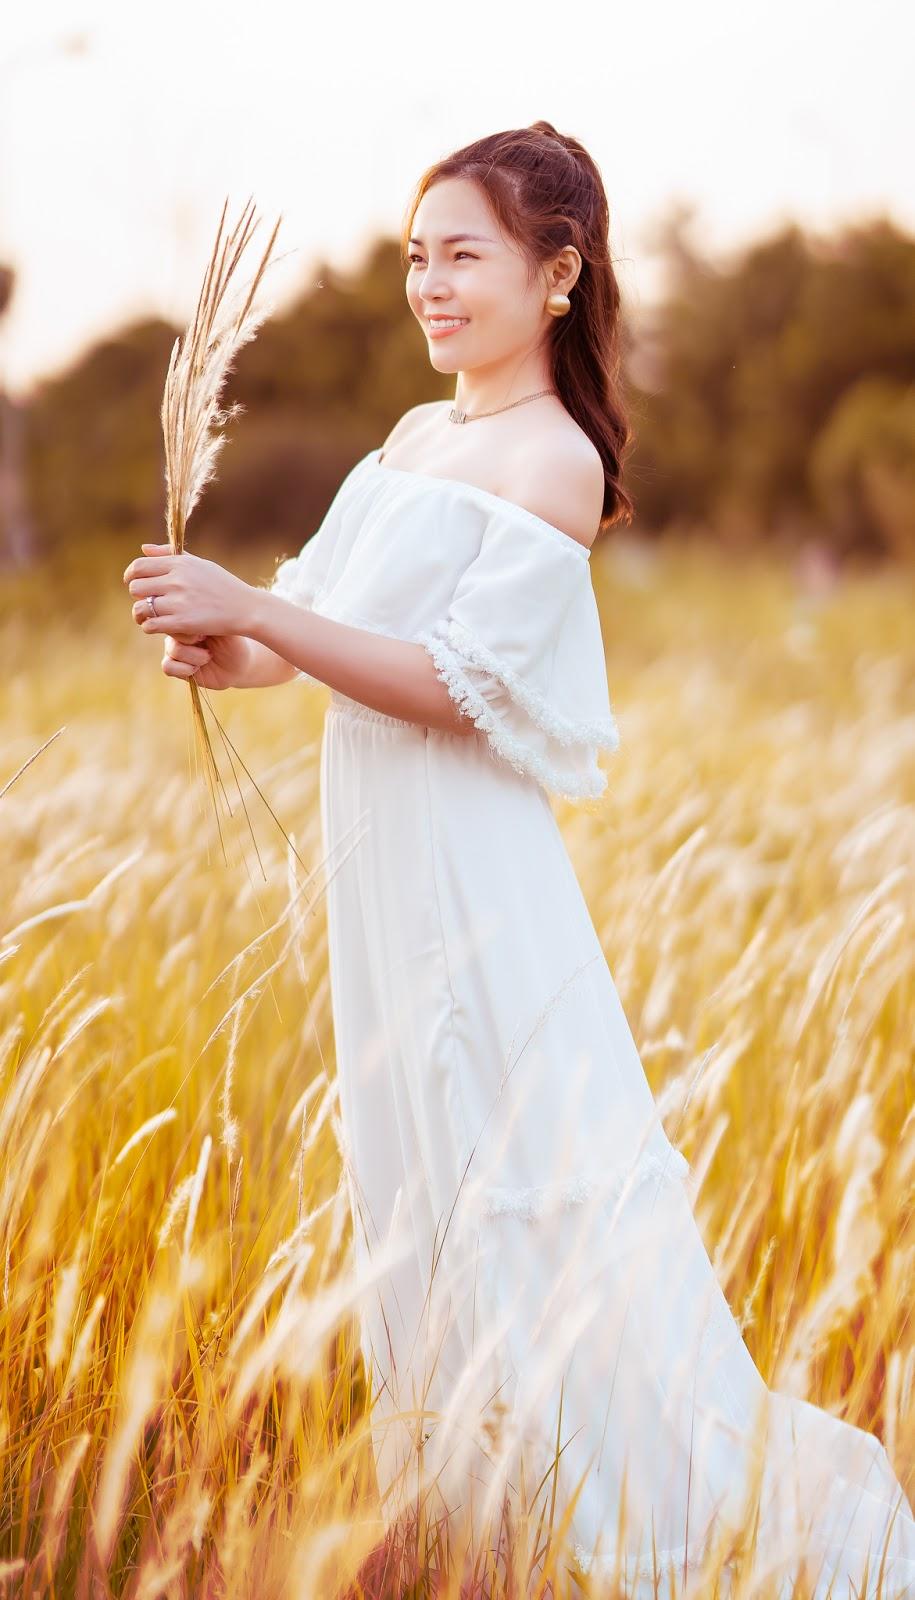 Ca sĩ Lâm Nguyệt Ánh đẹp không tì vết bên cánh đồng hoa cỏ lau